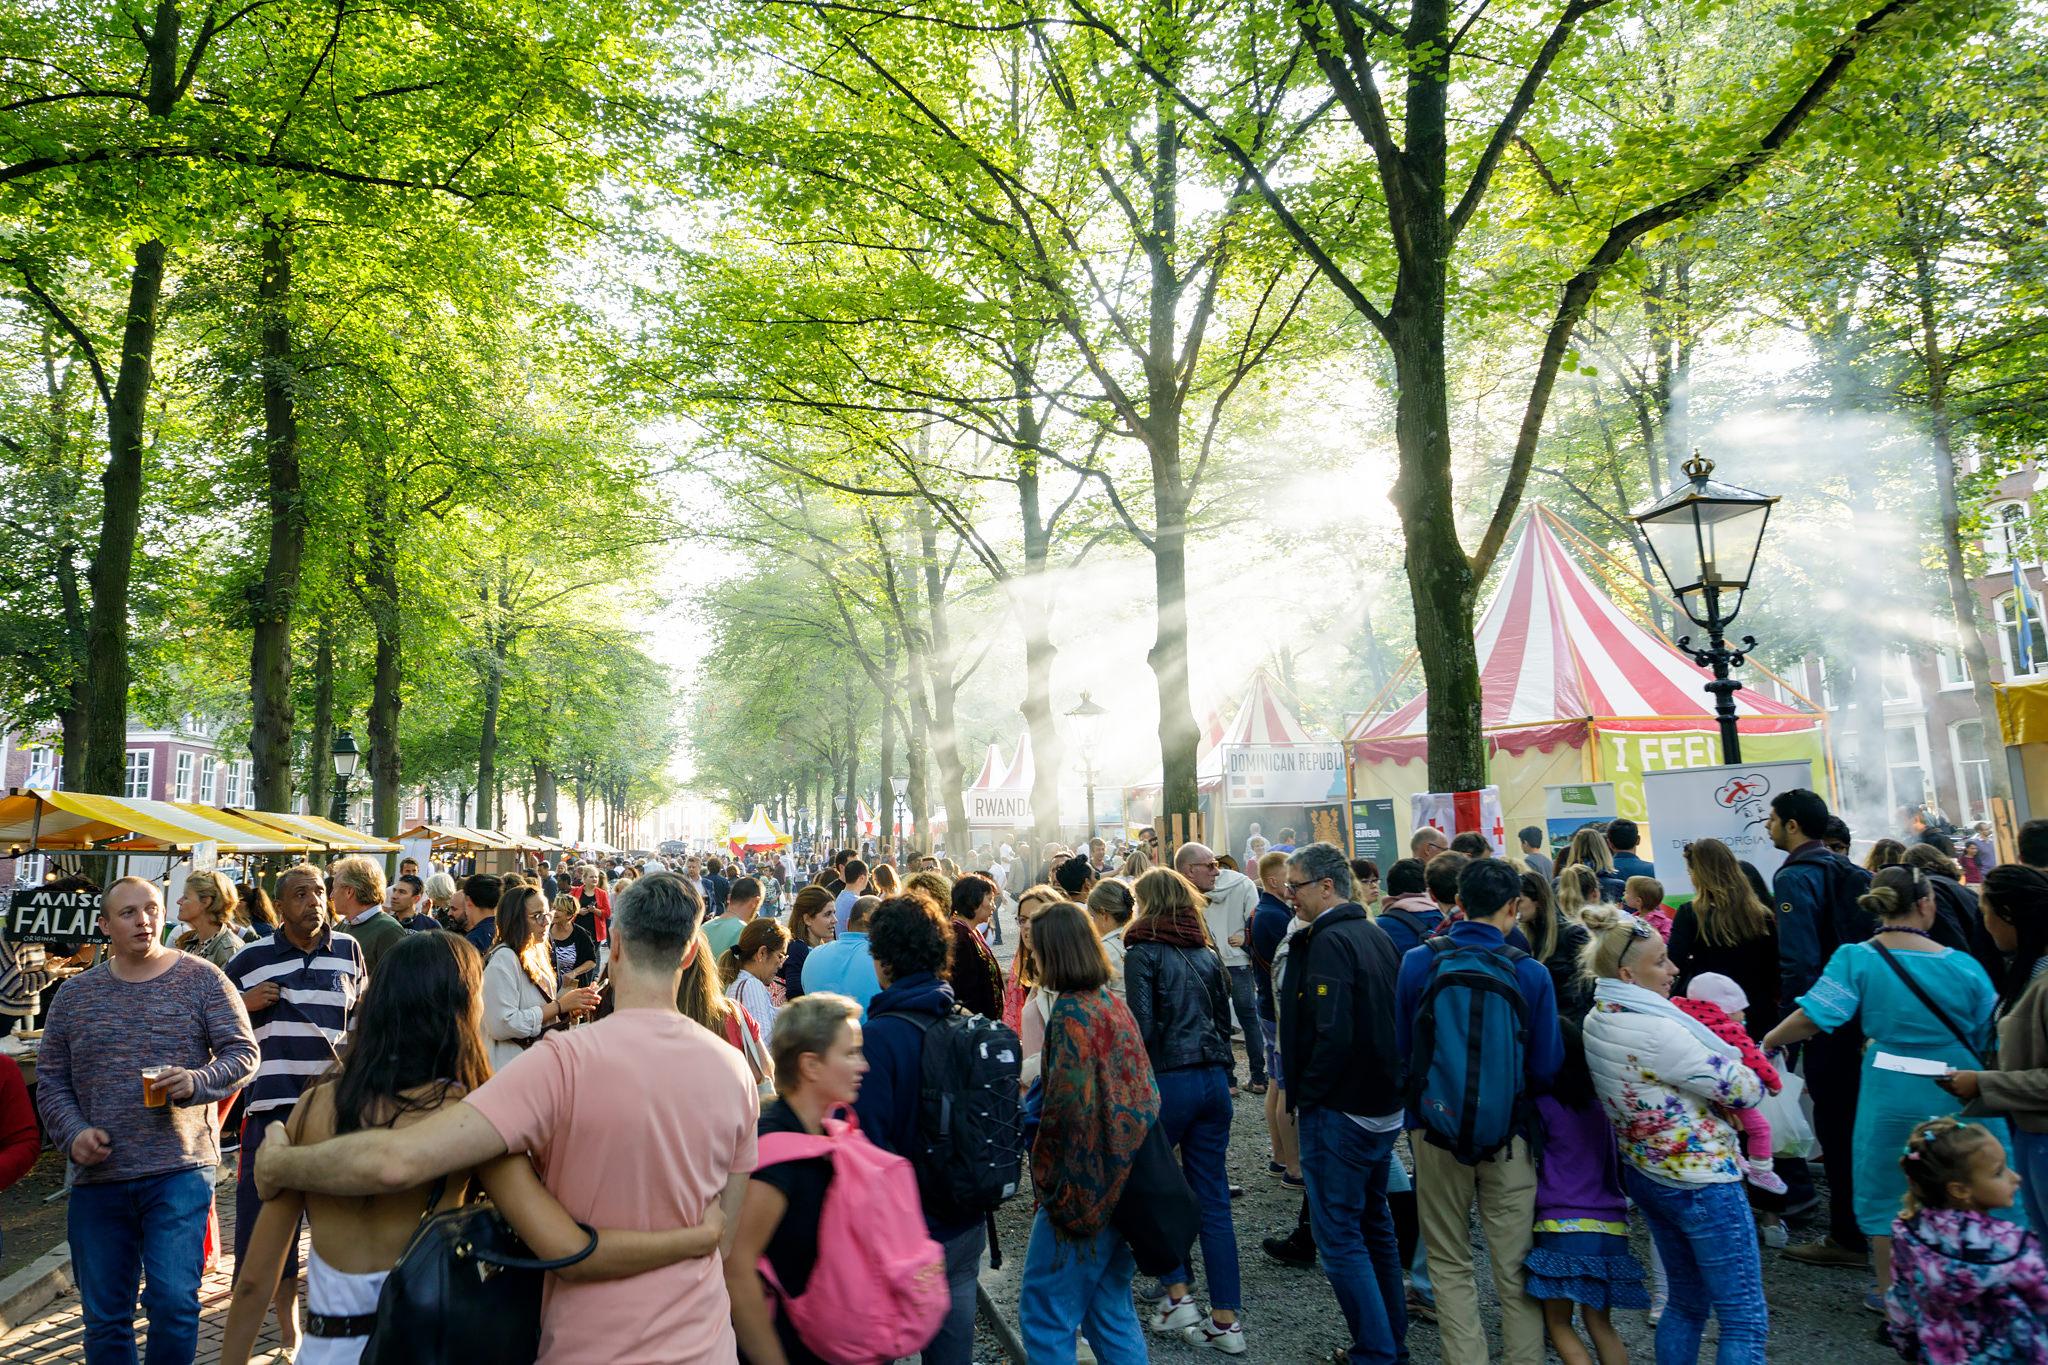 Wouter-Vellekoop-180901-180014-Embassy-www.WouterVellekoop.nl-4060-untitled